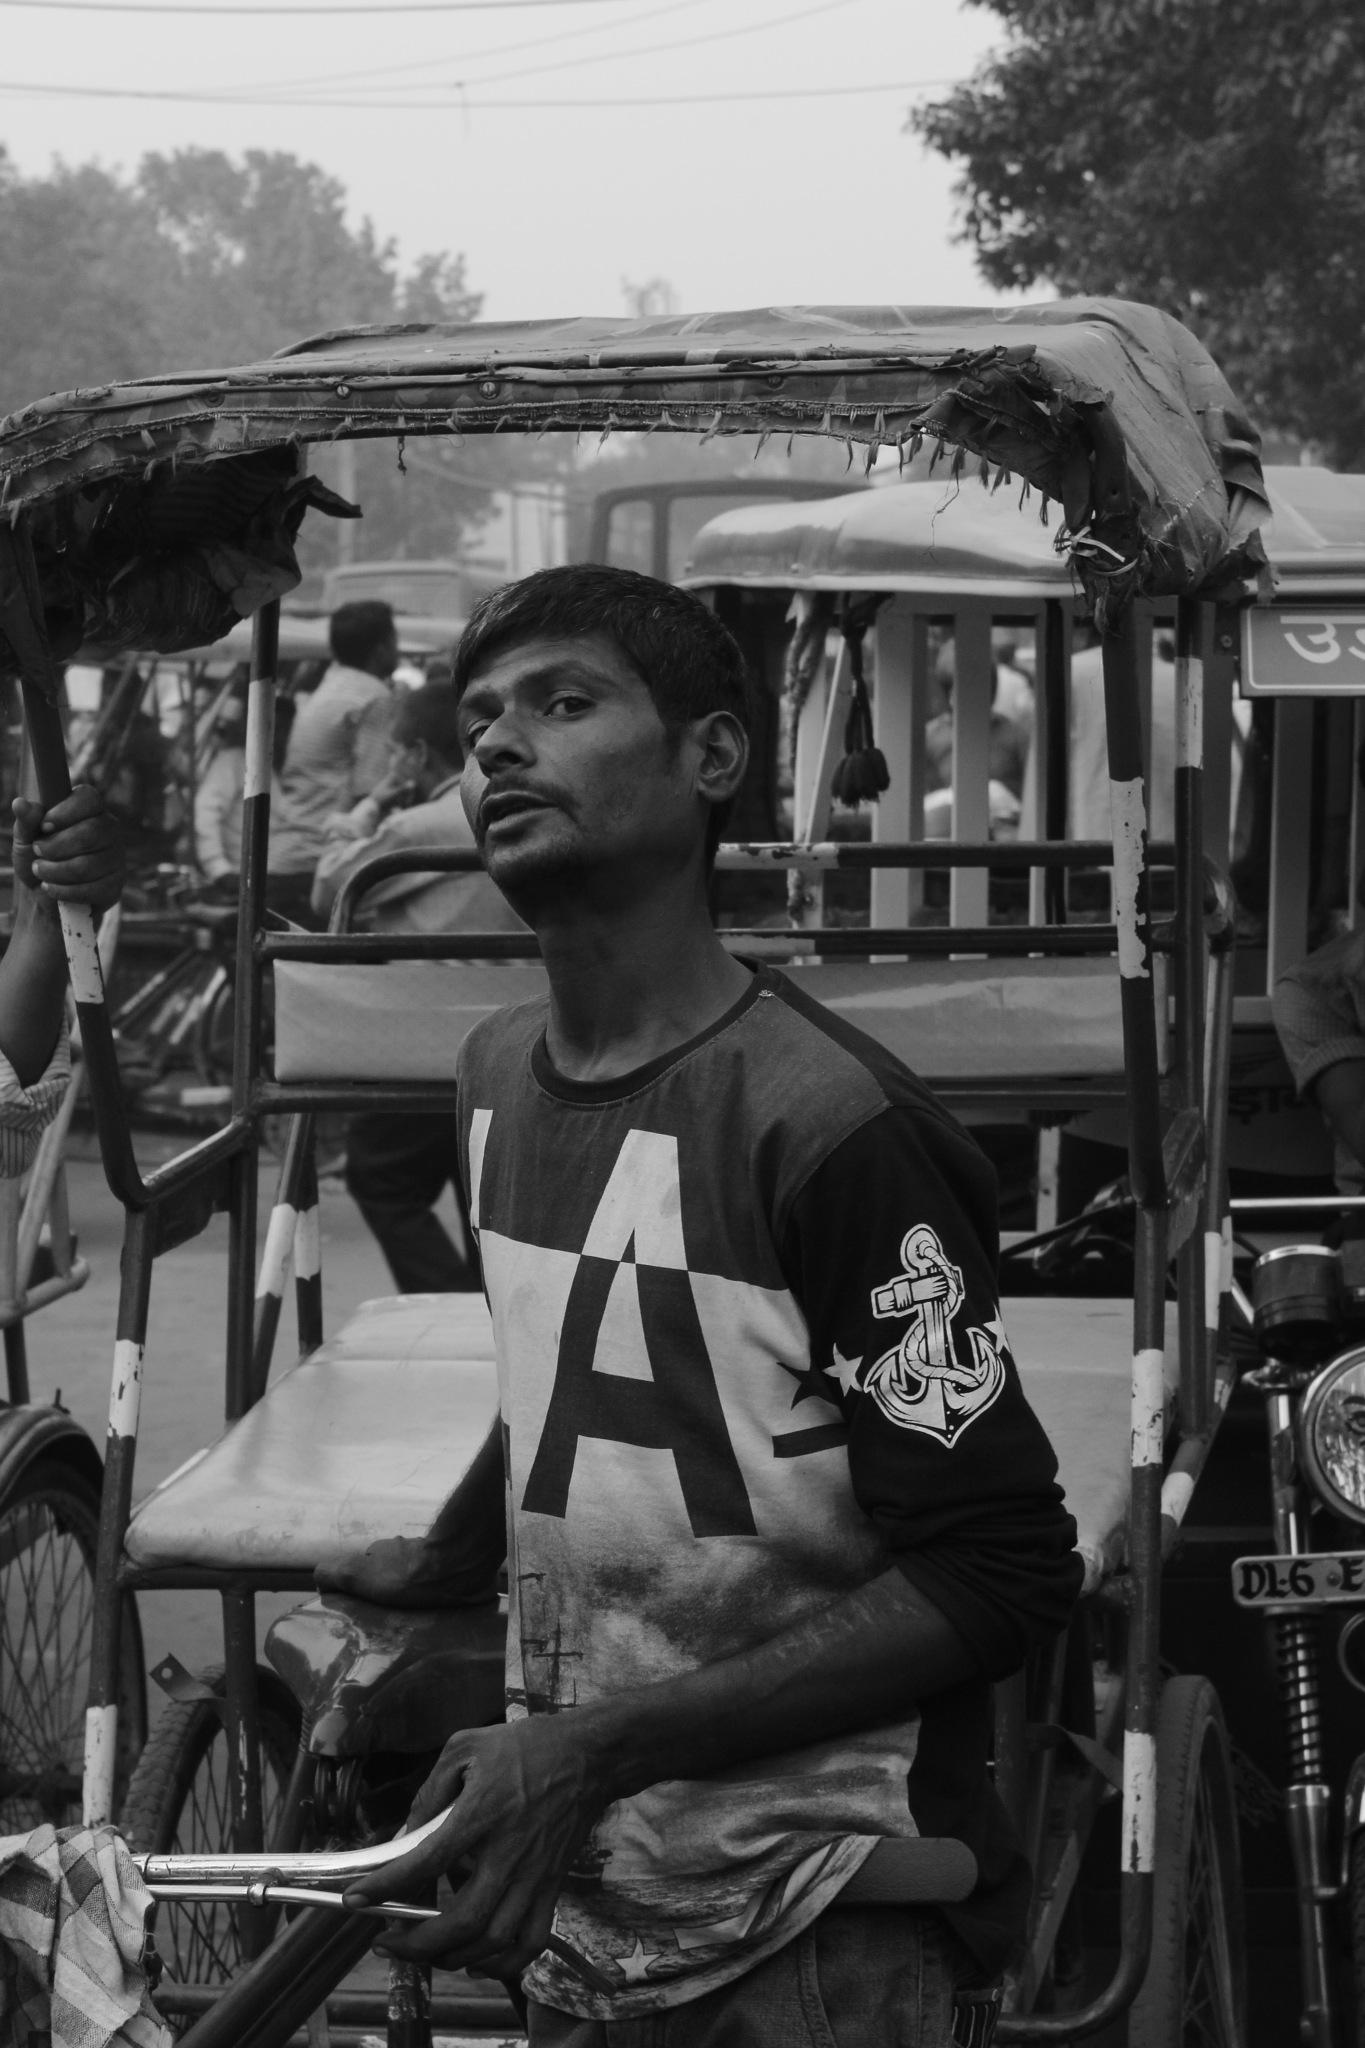 street photography by Uditkhurana